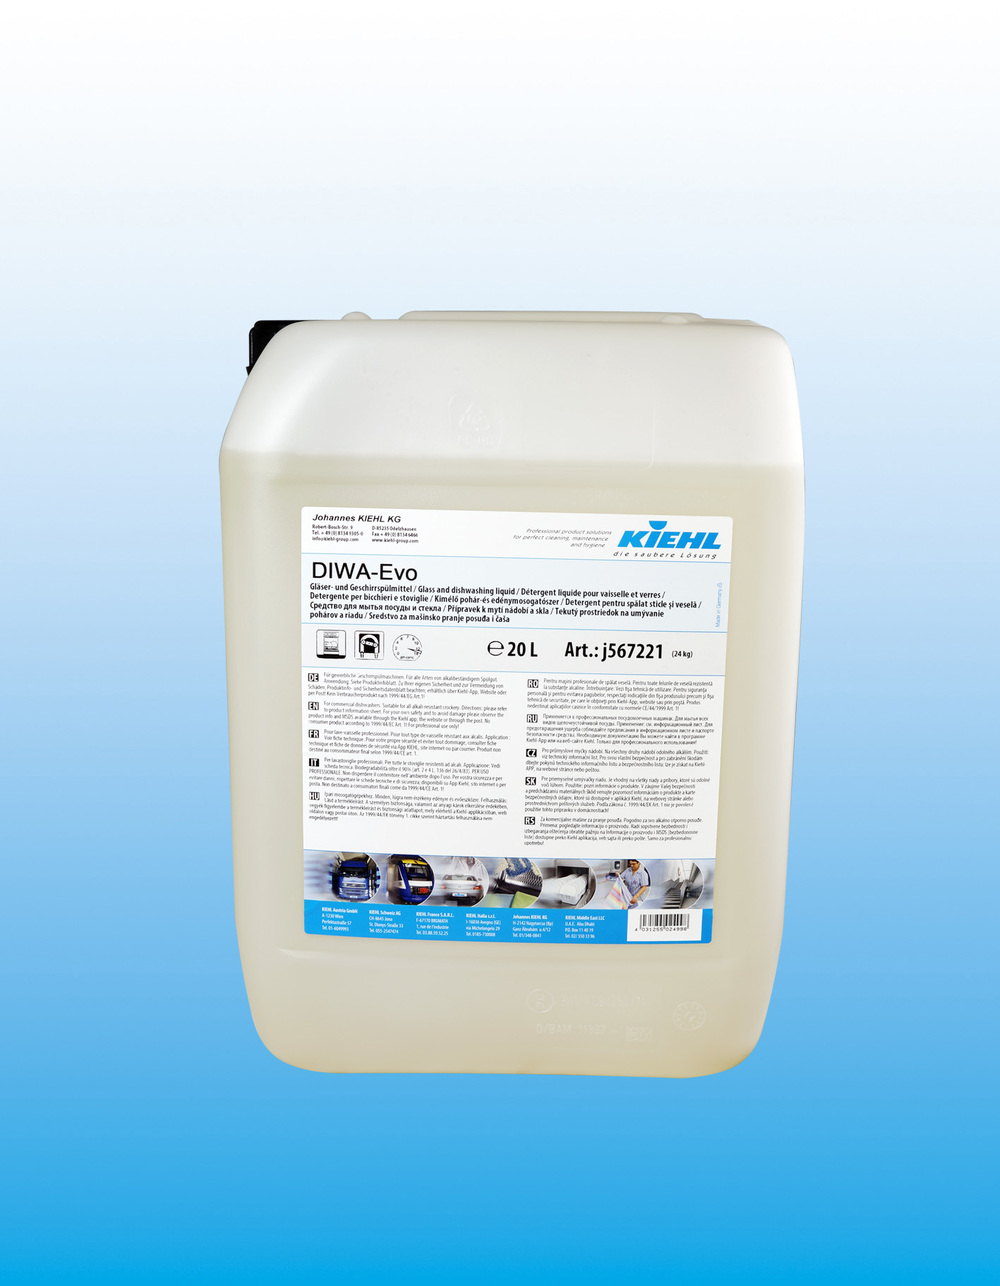 Diwa Evo     Glass og oppvask-middel    Oppvaskmiddel for profesjonelle oppvask-maskiner. DIWA-Evo fjerner raskt og effektivt matrester samt kaffe og te flekker. Stivelse bygget opp på servise vil bli kraftig redusert.  DIWA-Evo er fri for NTA, klor og fosfat er og derfor skånsom og miljøvennlig.